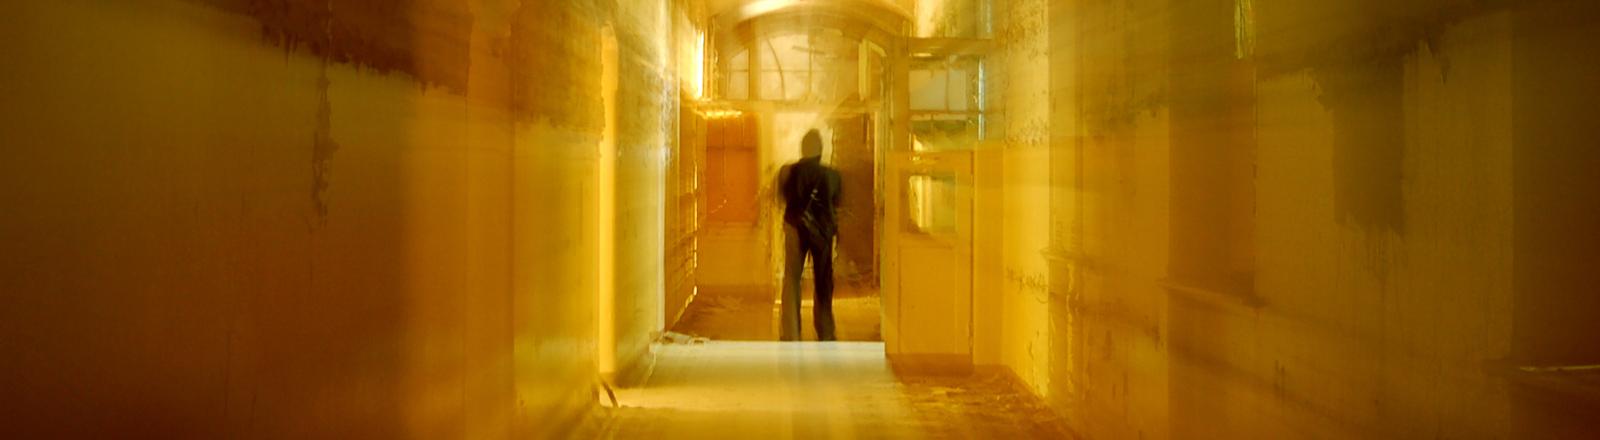 Ein Mann steht einsam in einem langen Flur.